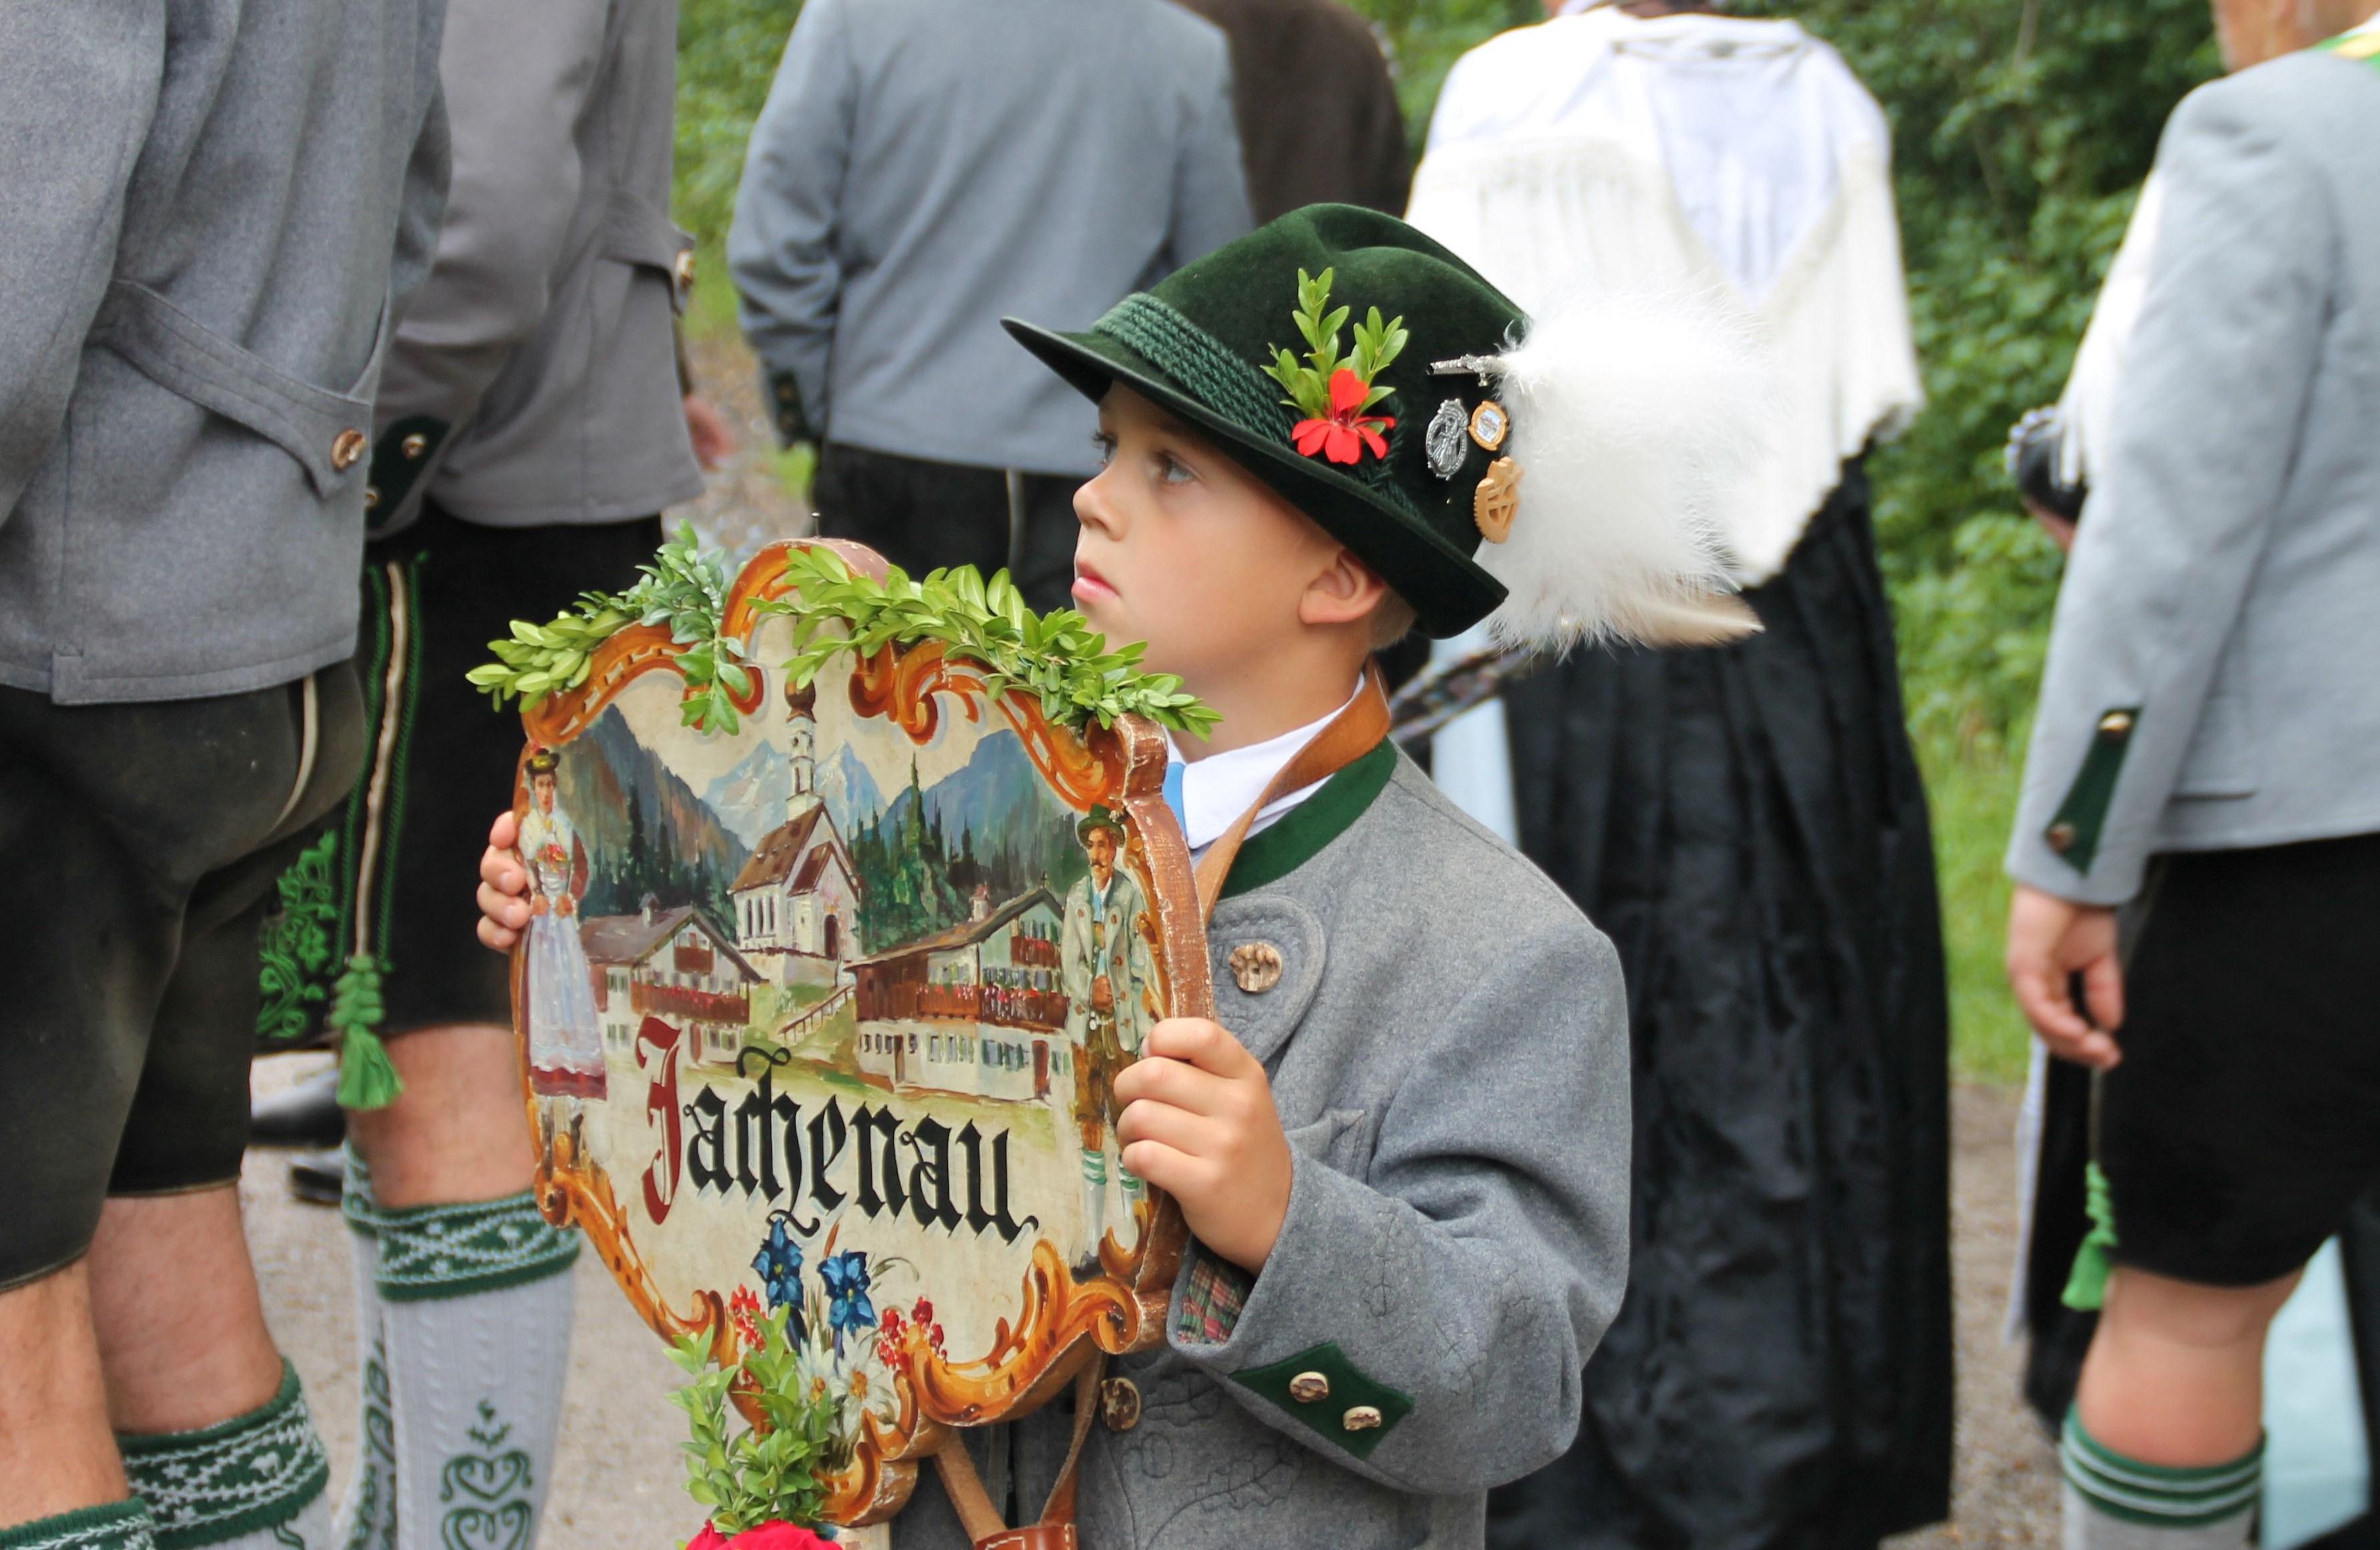 Jachenau1 - Der Verein